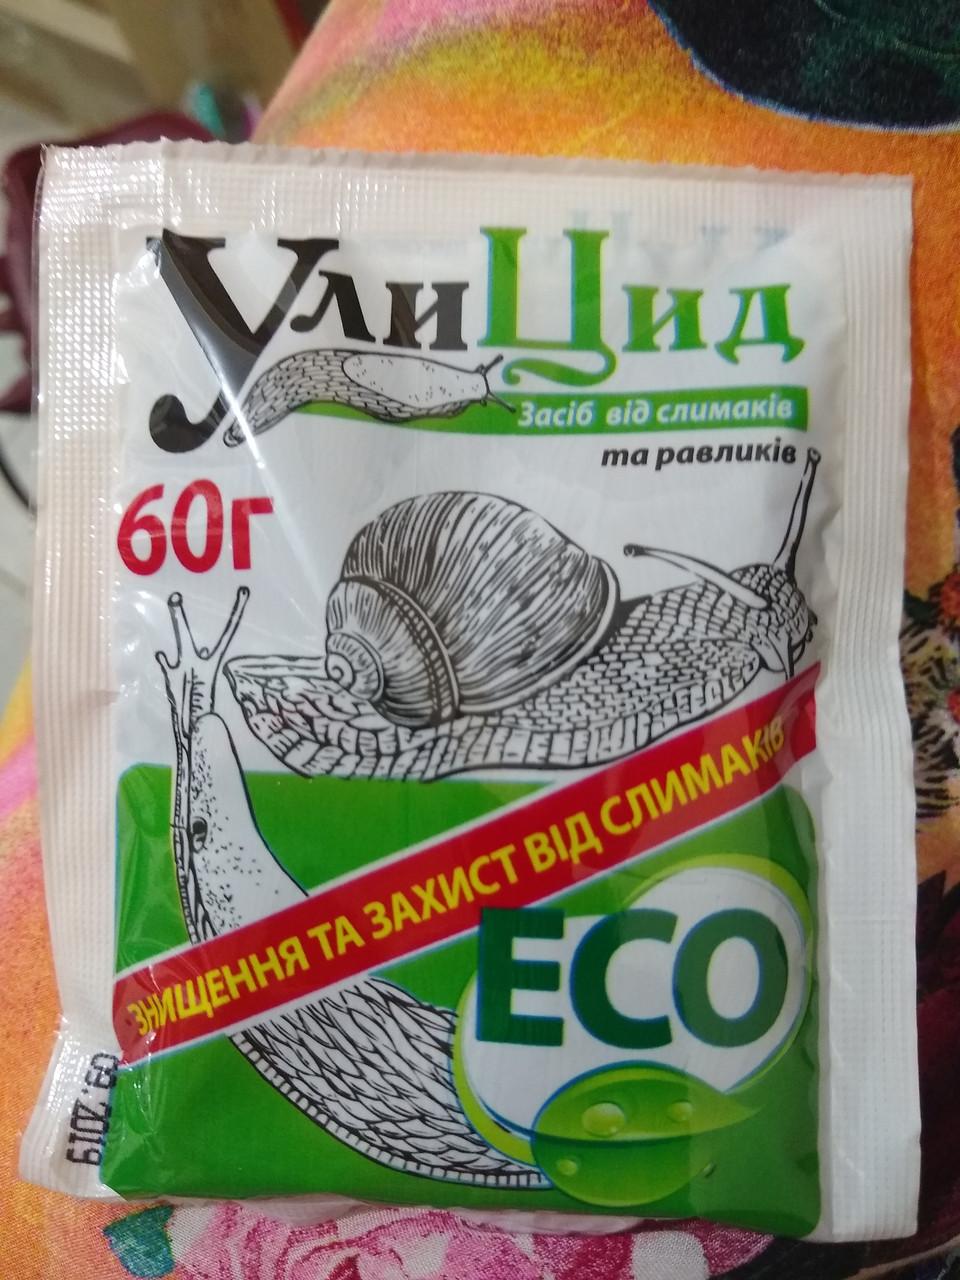 Моллюскоцид пестицид Улицид Еко 60 грам на 15 м2 від слимаків та равликів Україна